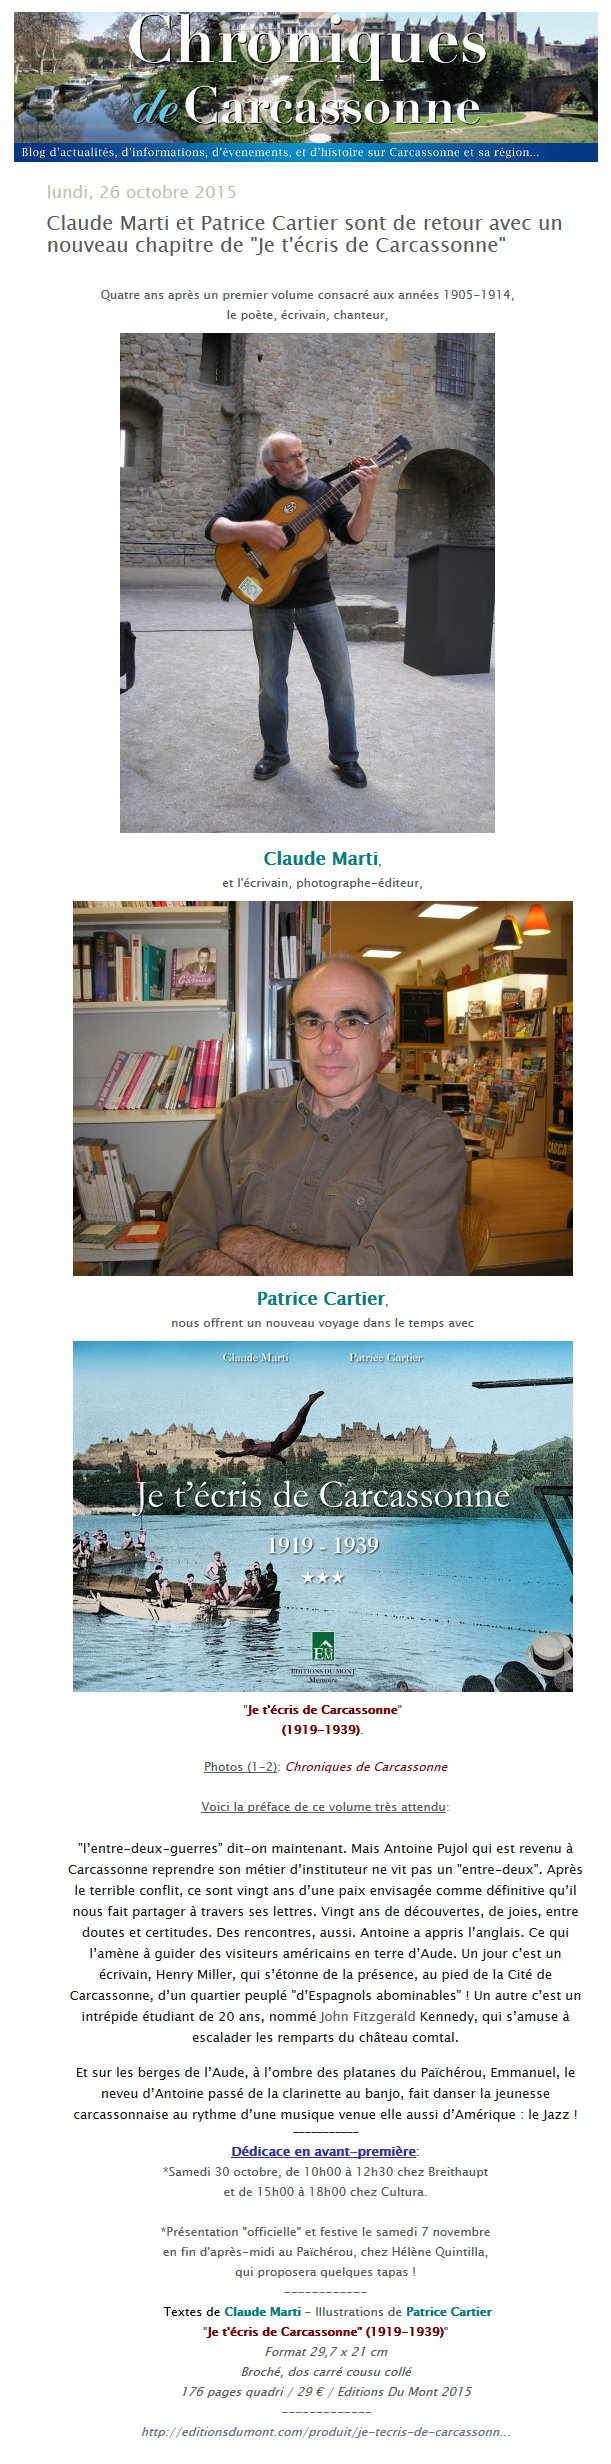 Je t'écris de Carcassonne 3